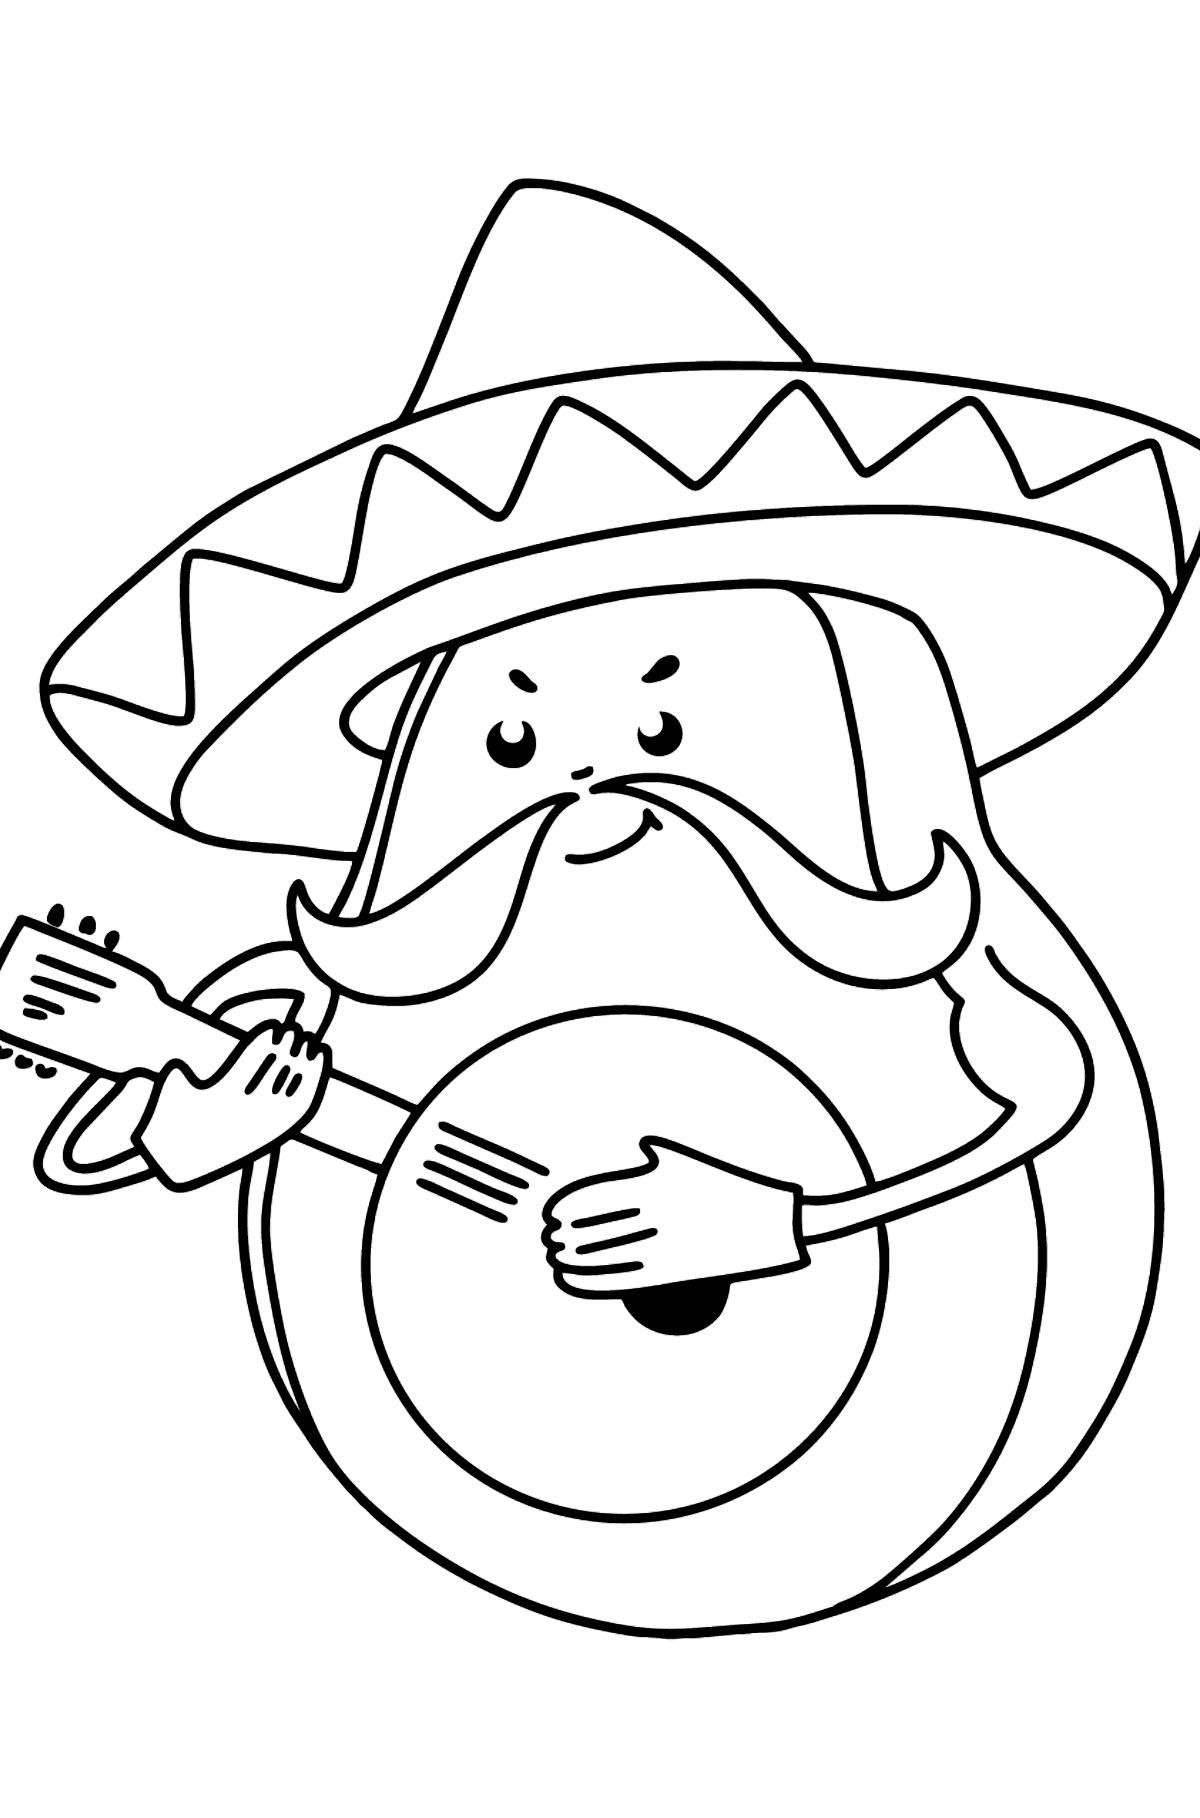 Раскраска Авокадо в сомбреро - Картинки для Детей